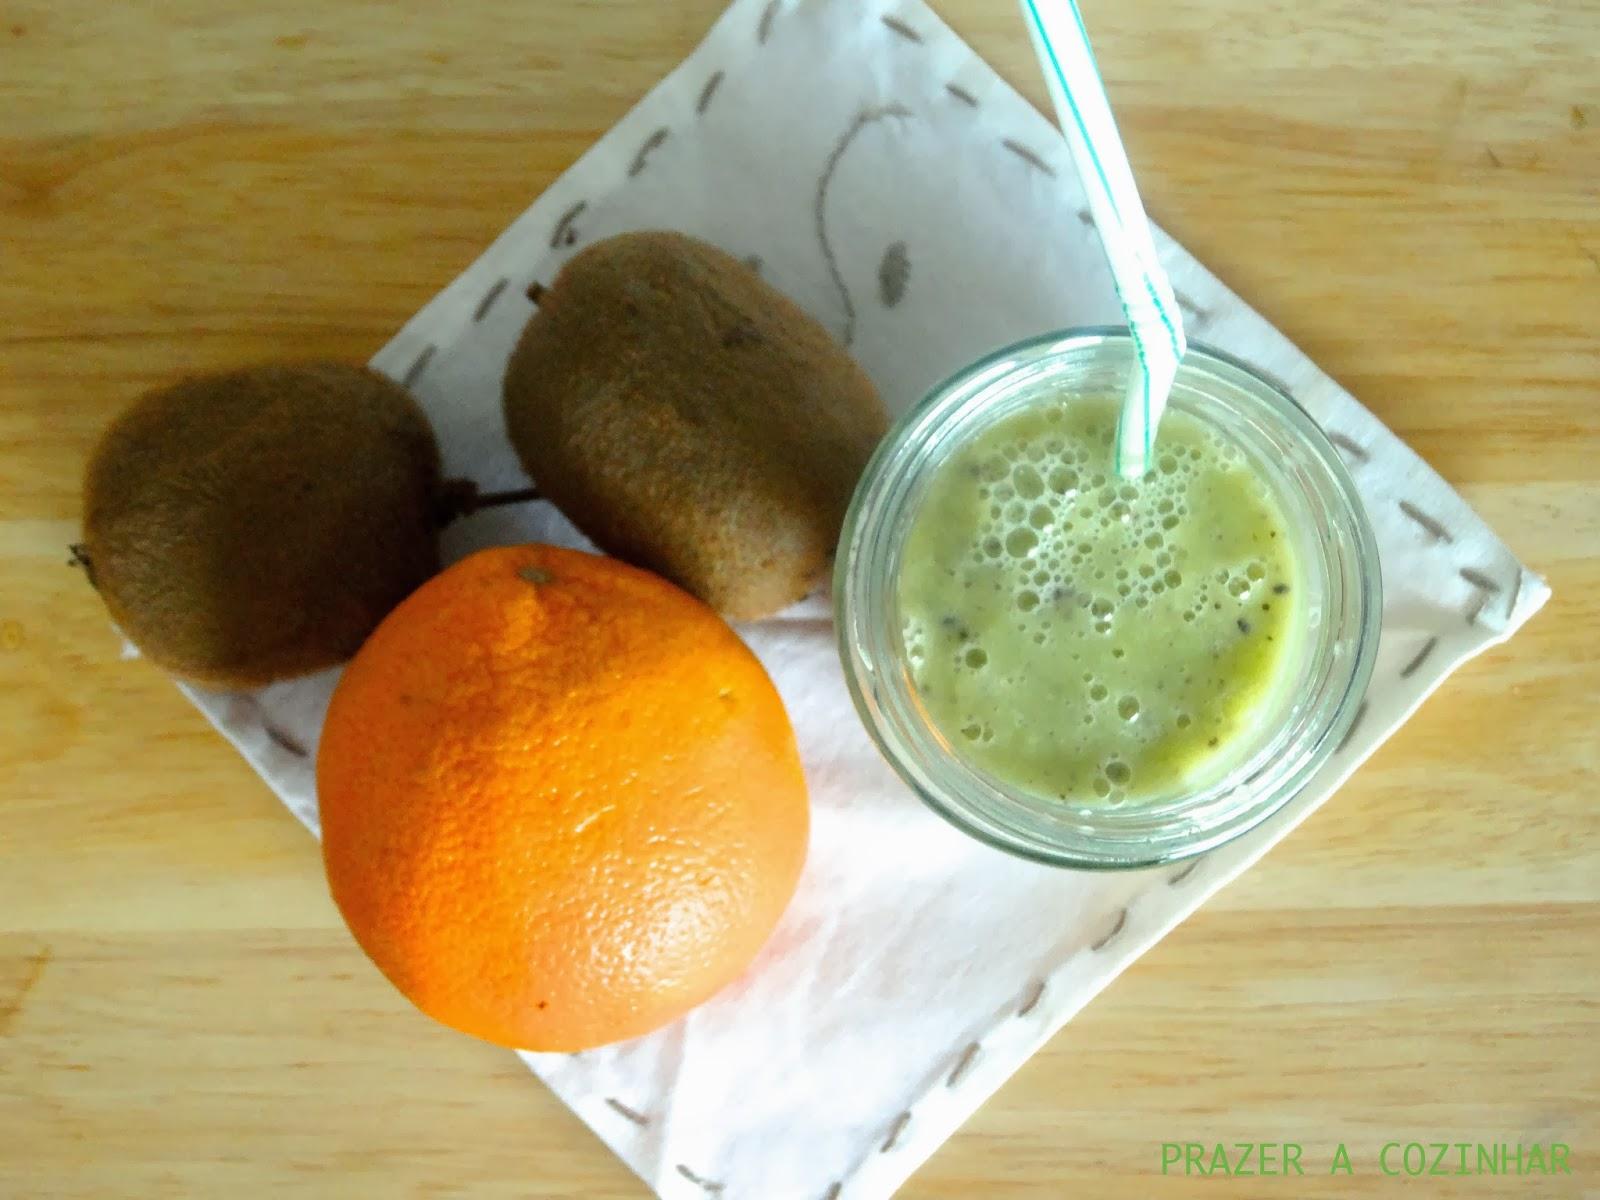 prazer a cozinhar - Smoothie de kiwi, laranja e cardamomo